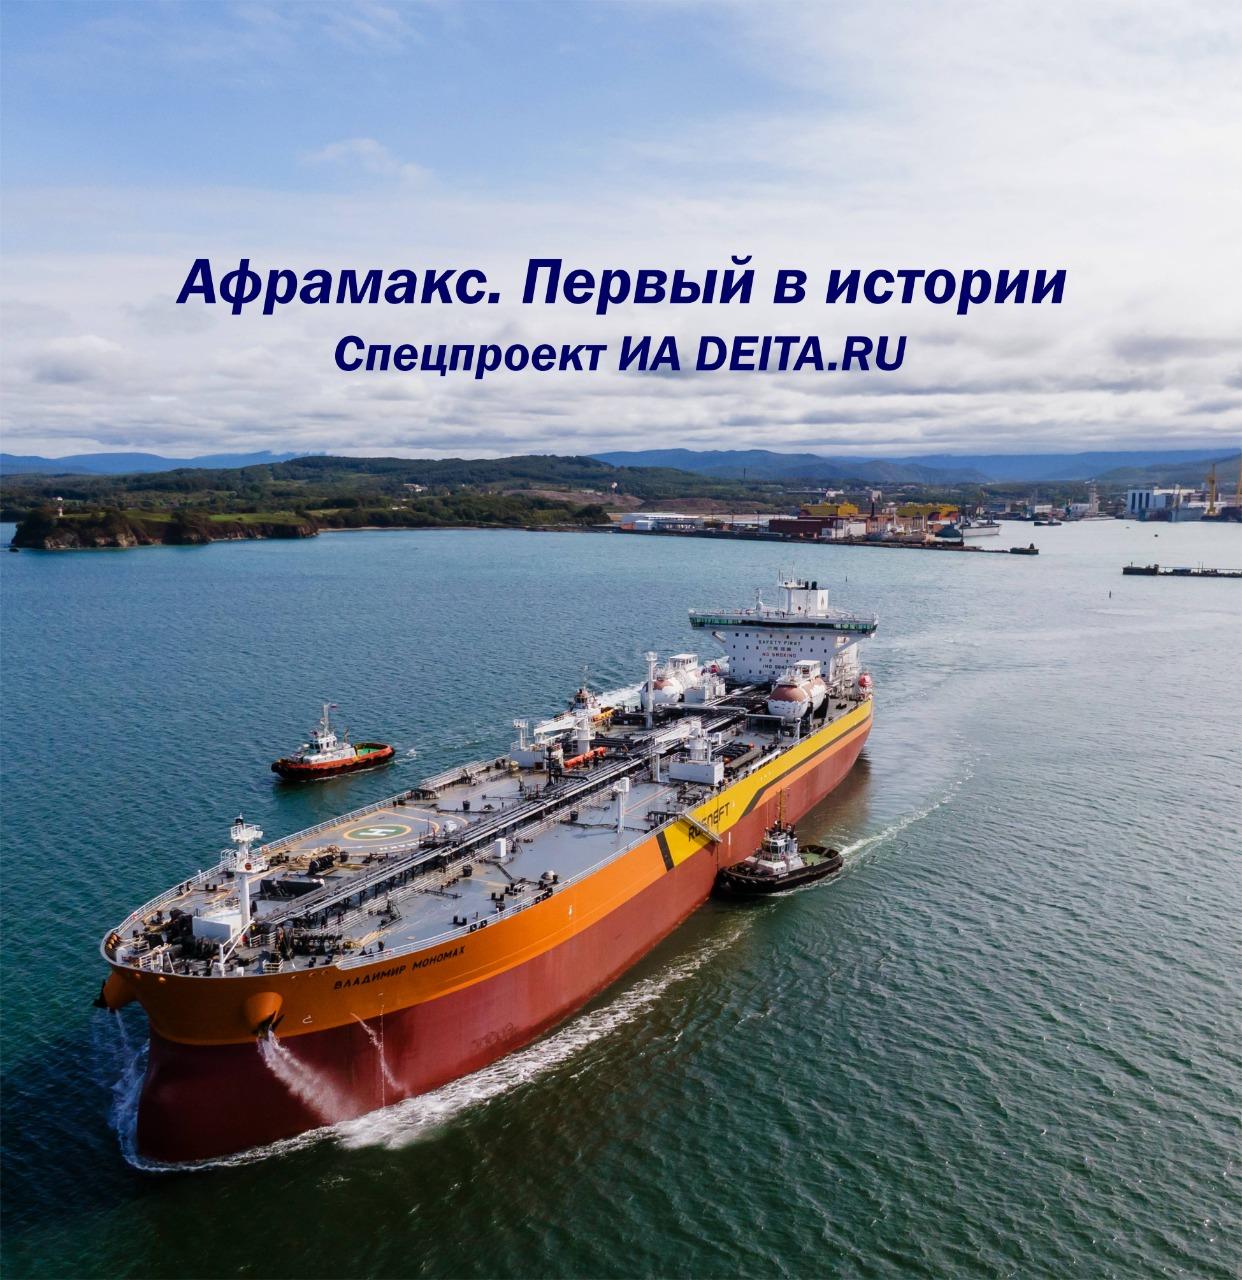 Звезда российского судостроения